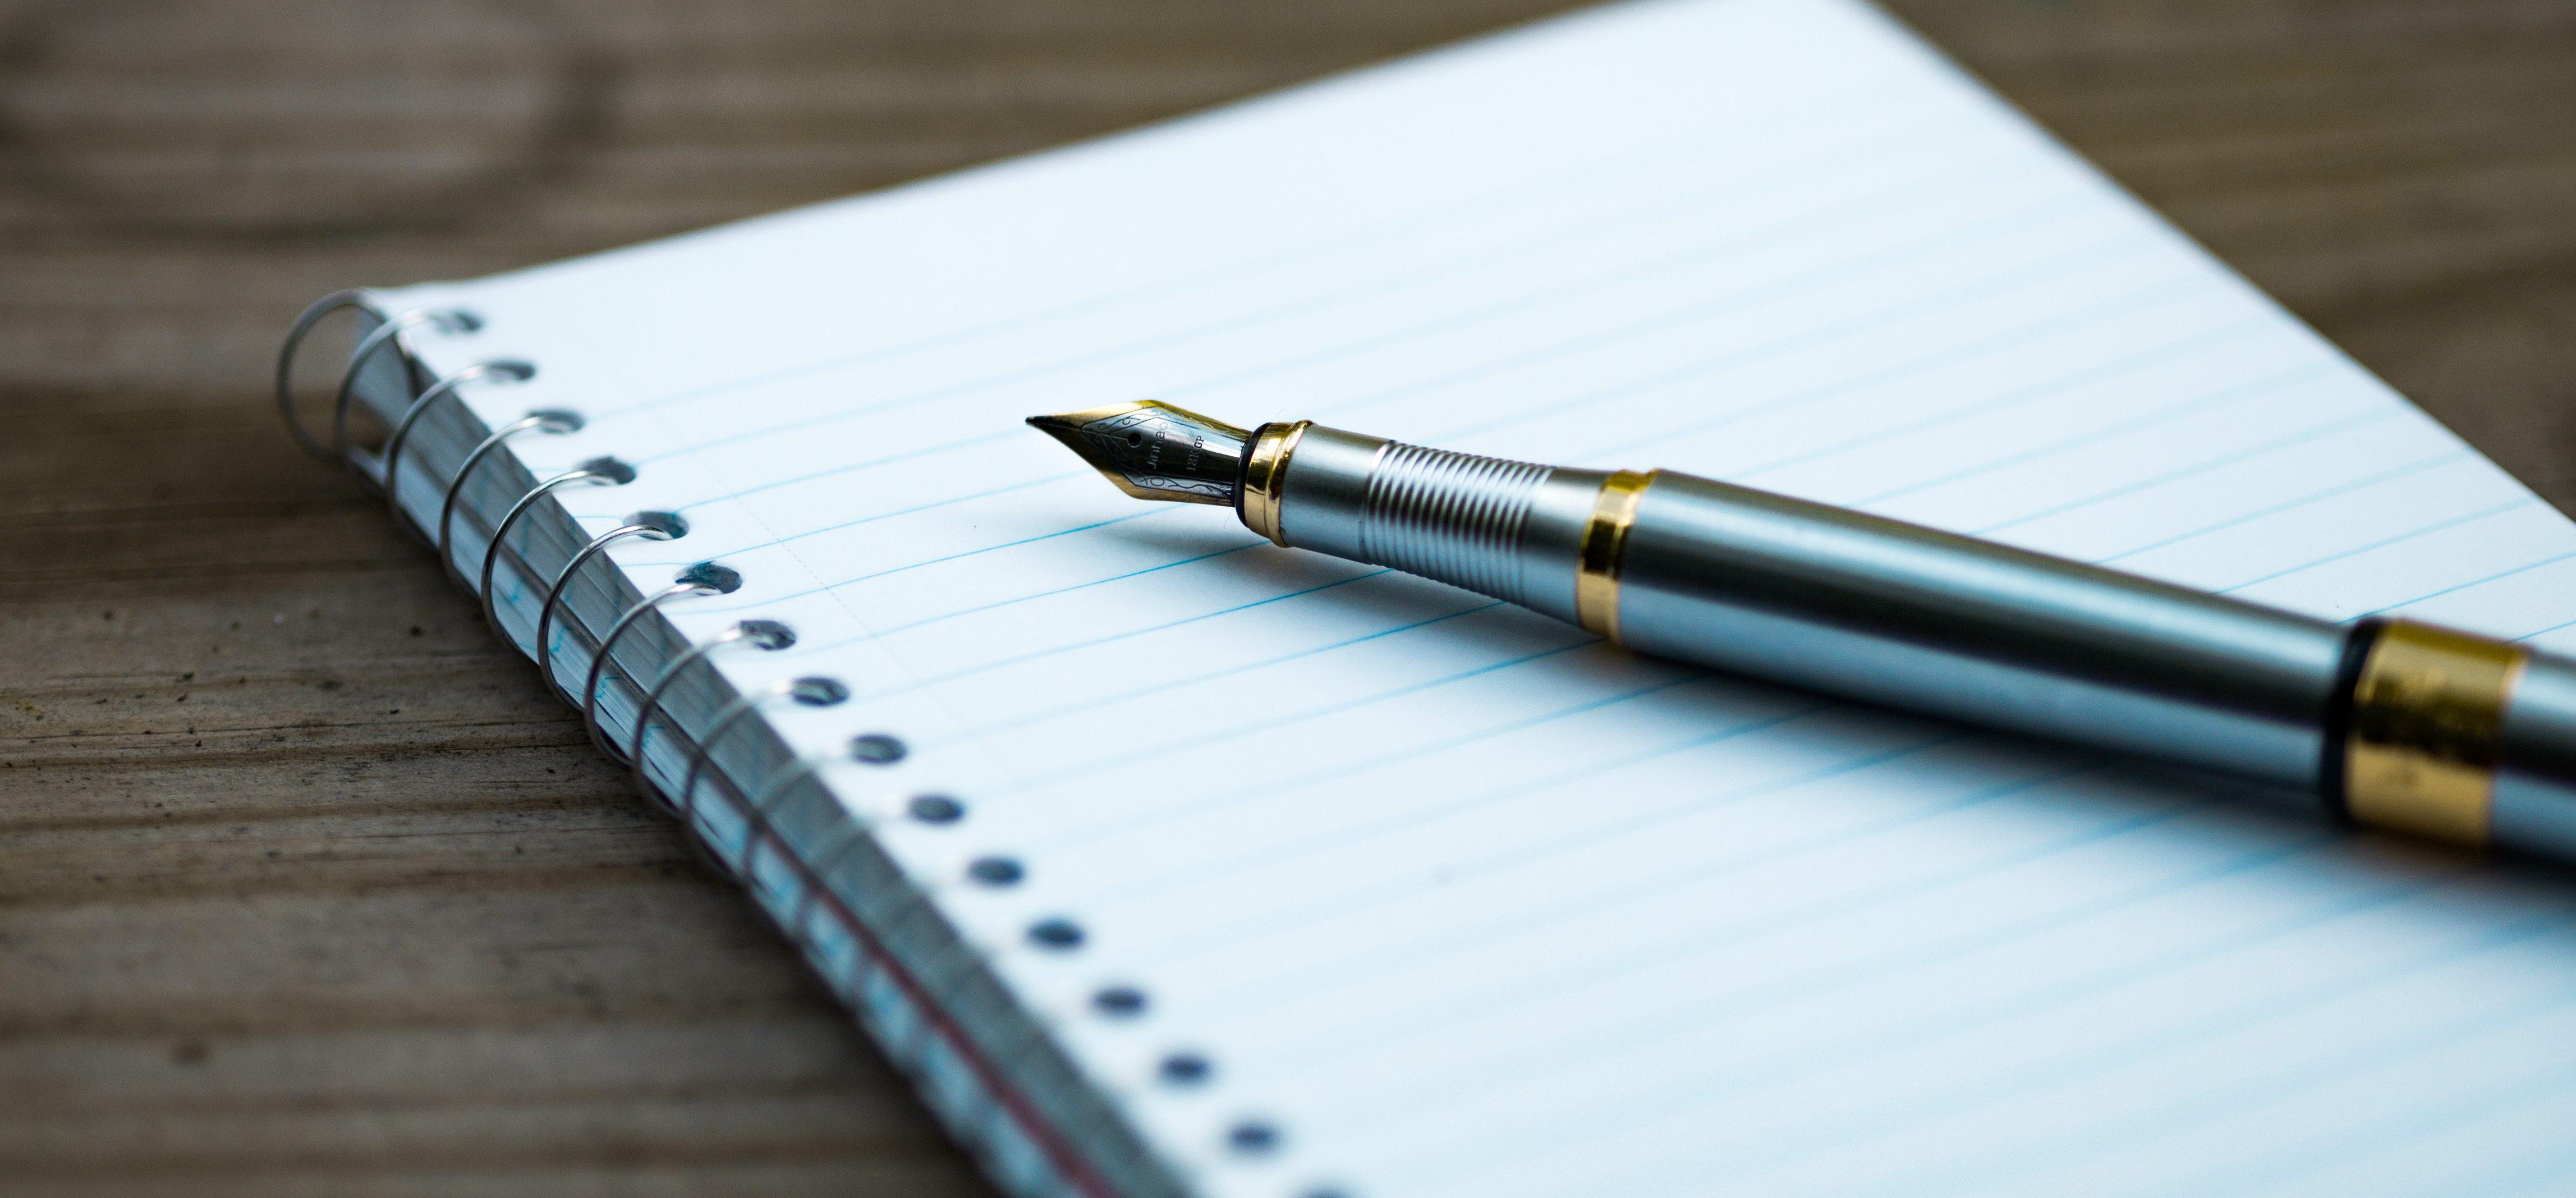 Fancy estate planning pen on notebook